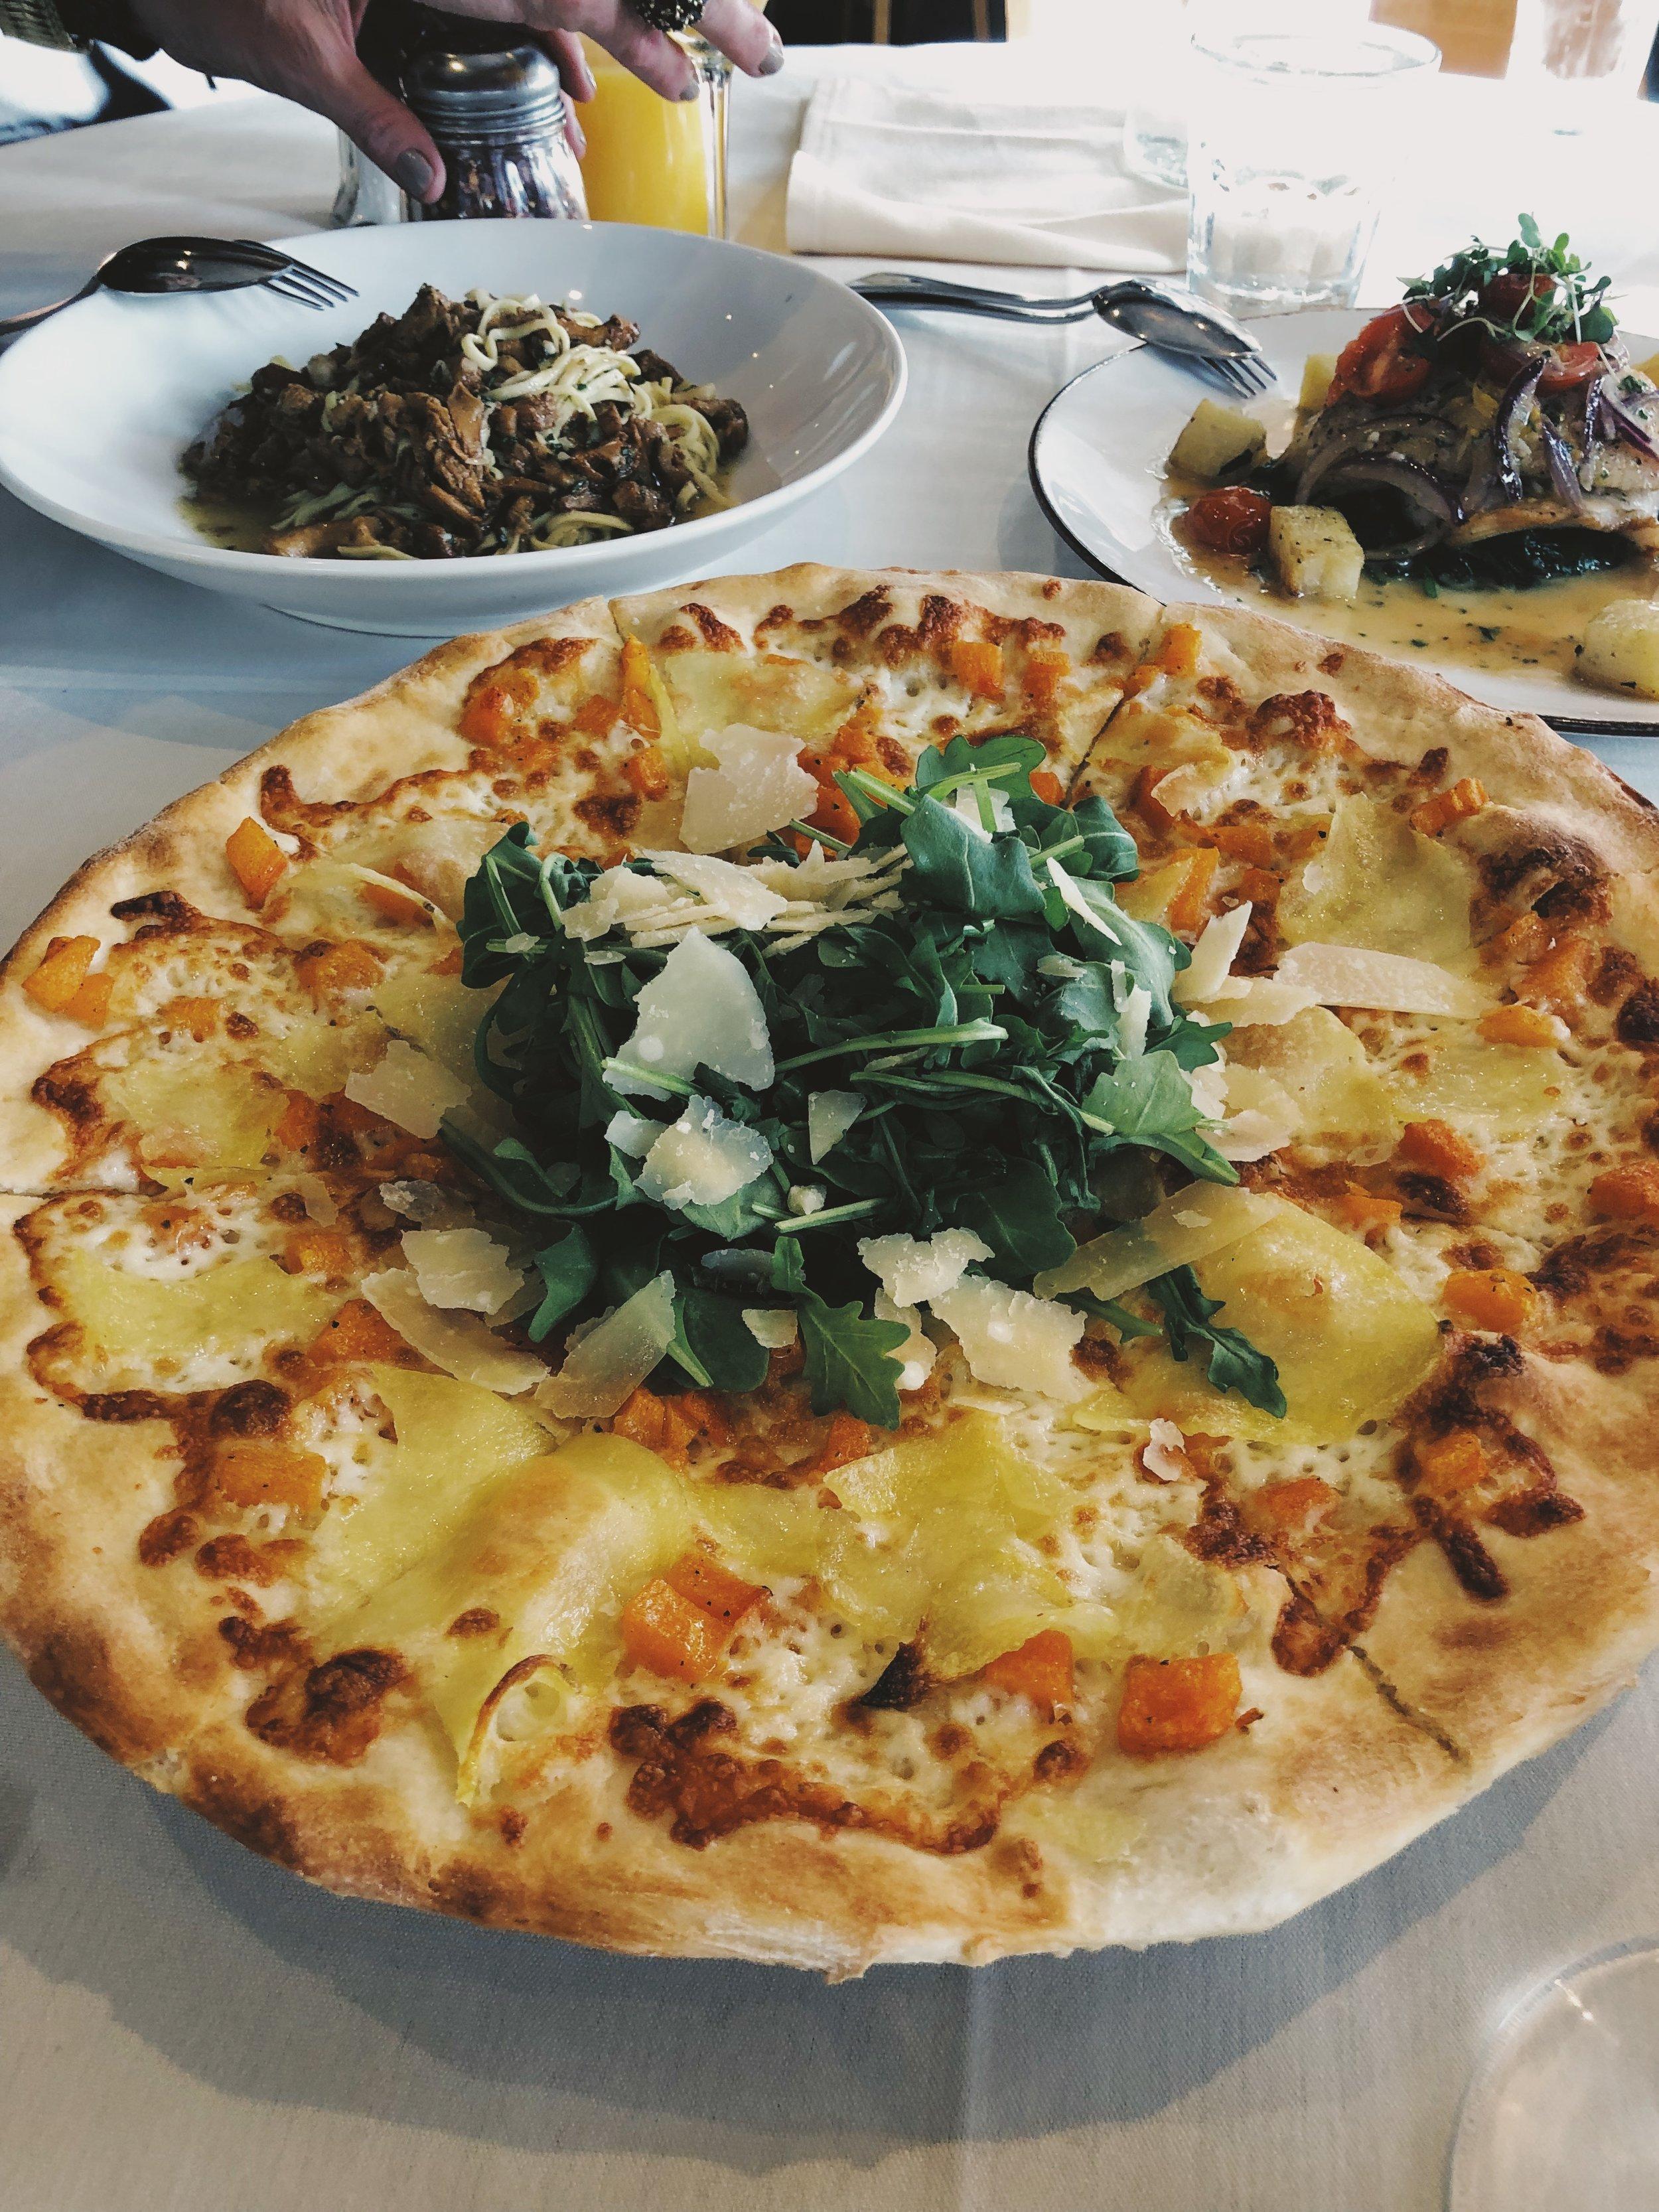 Even pizza - yum!